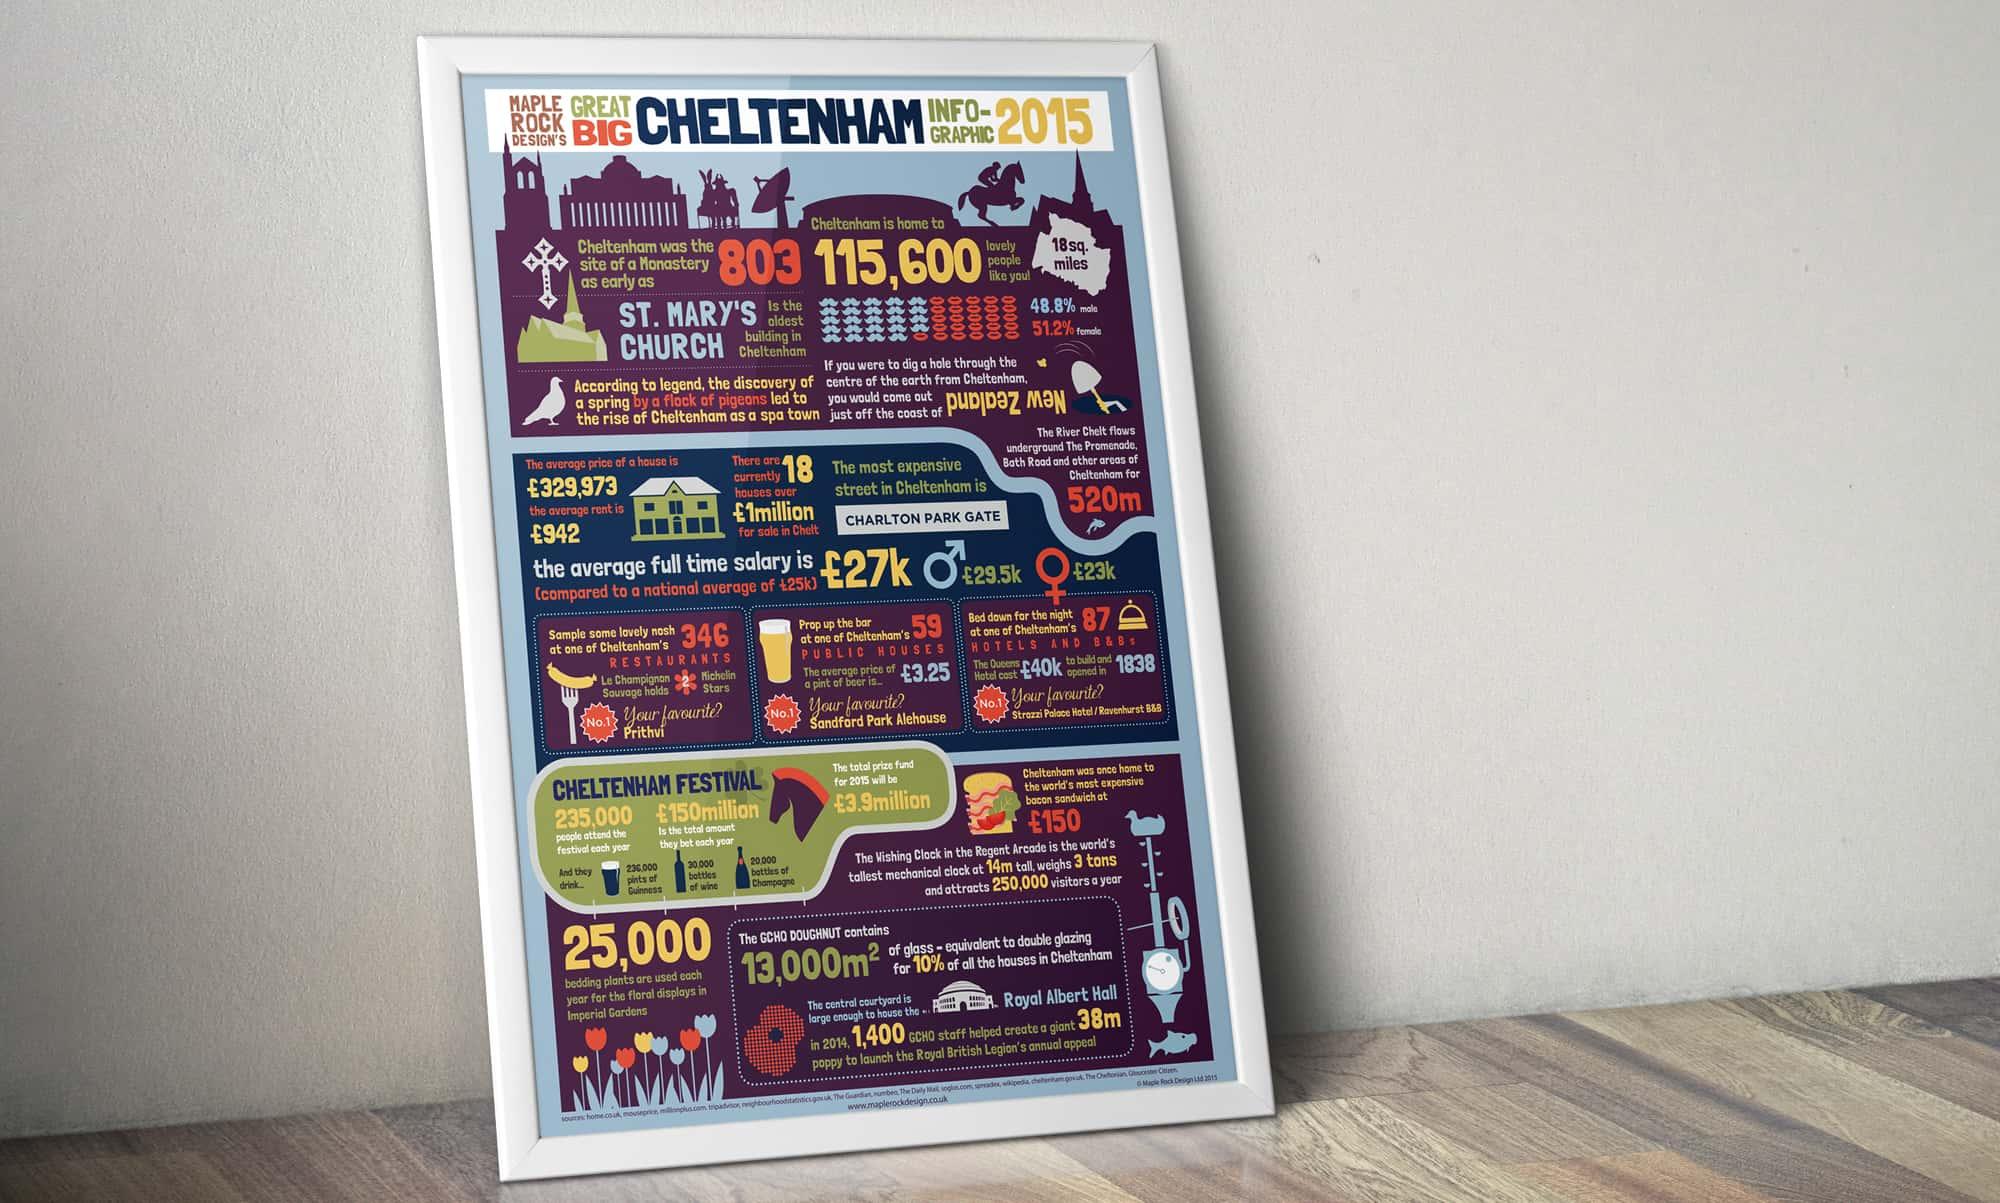 Cheltenham Infographic